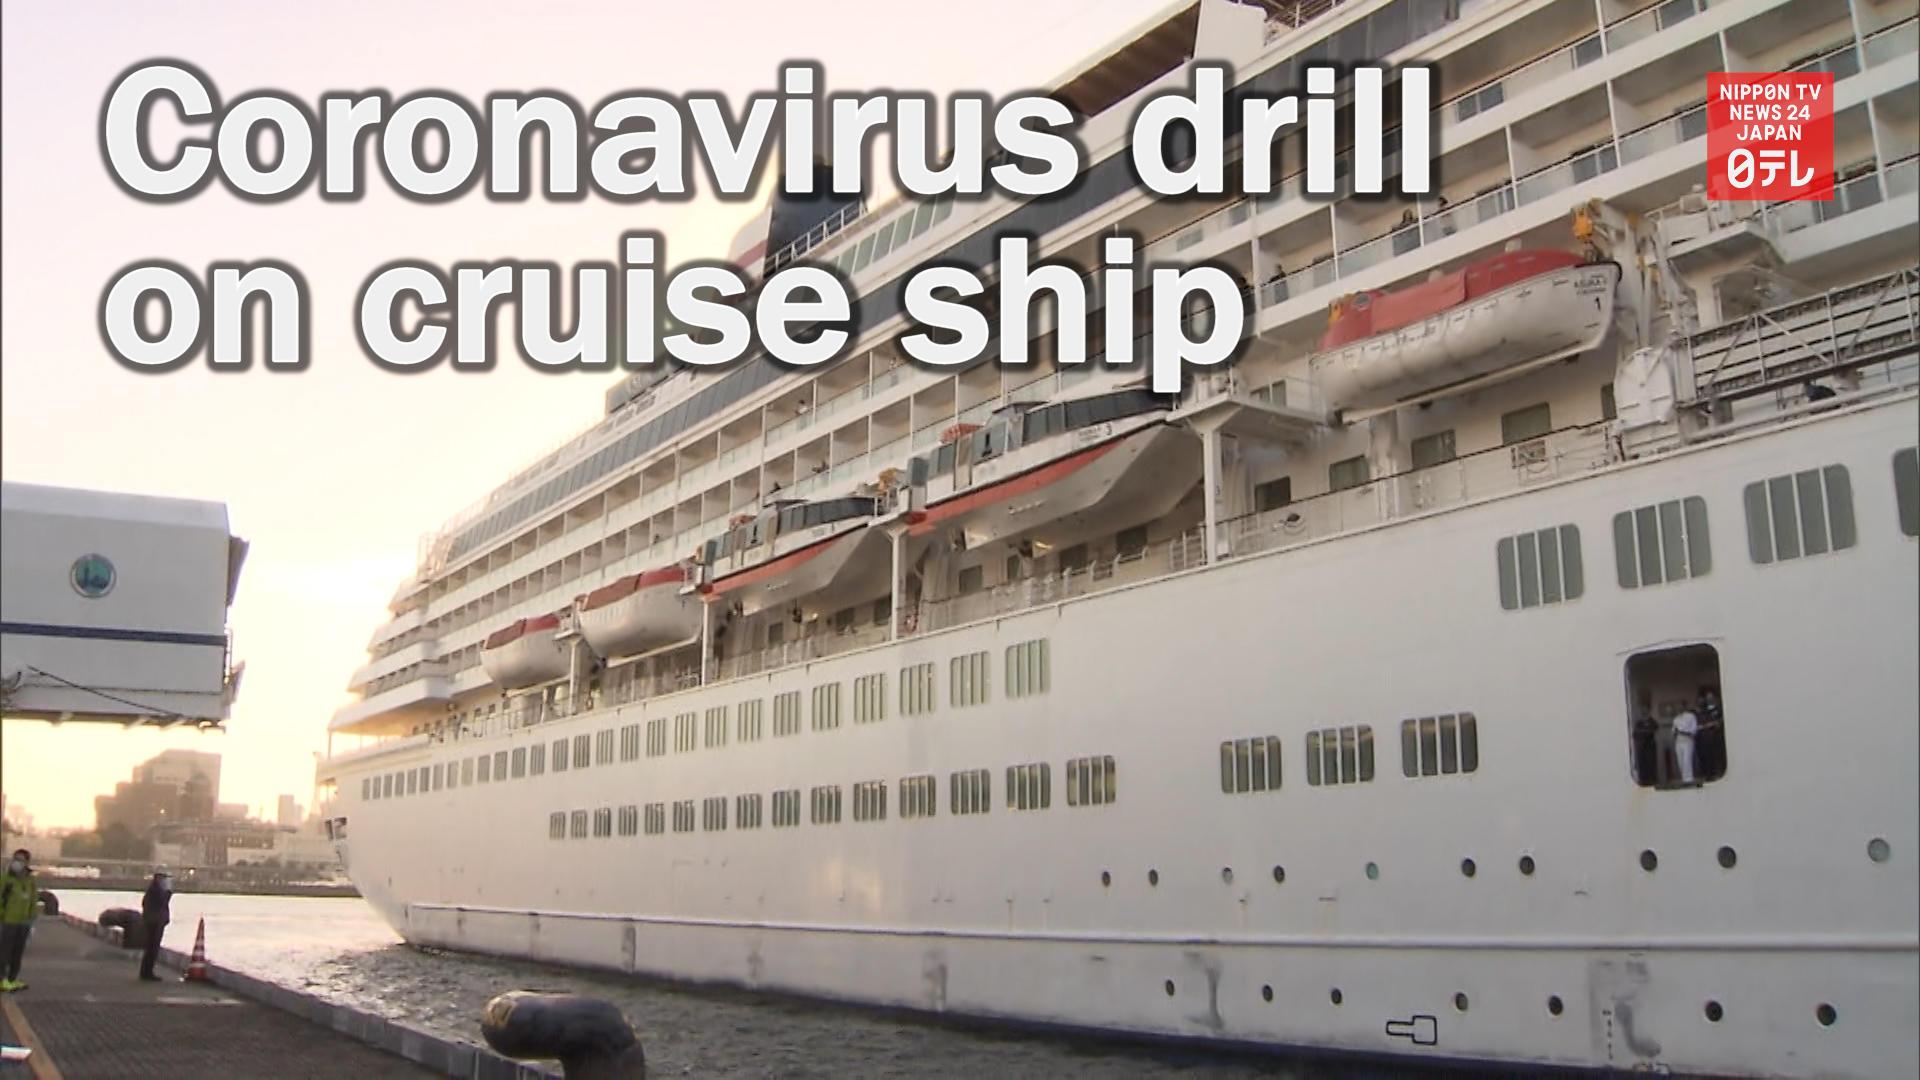 Coronavirus drill held on Japanese cruise ship